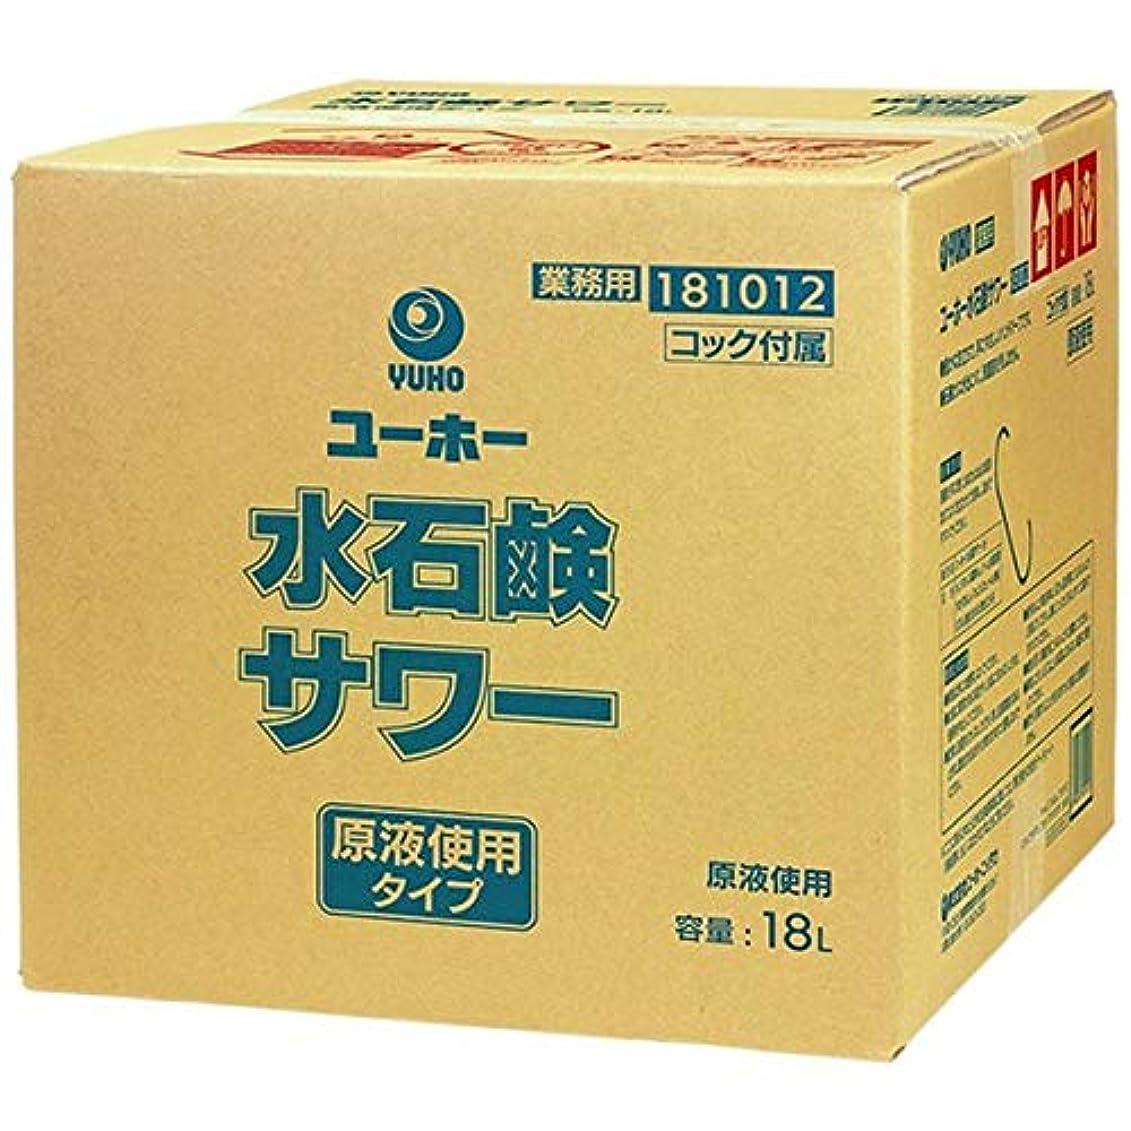 ルネッサンス髄薄い業務用 ハンドソープ 水石鹸サワー 原液タイプ 18L 181011 (希釈しないで使用できる原液タイプのハンドソープ)